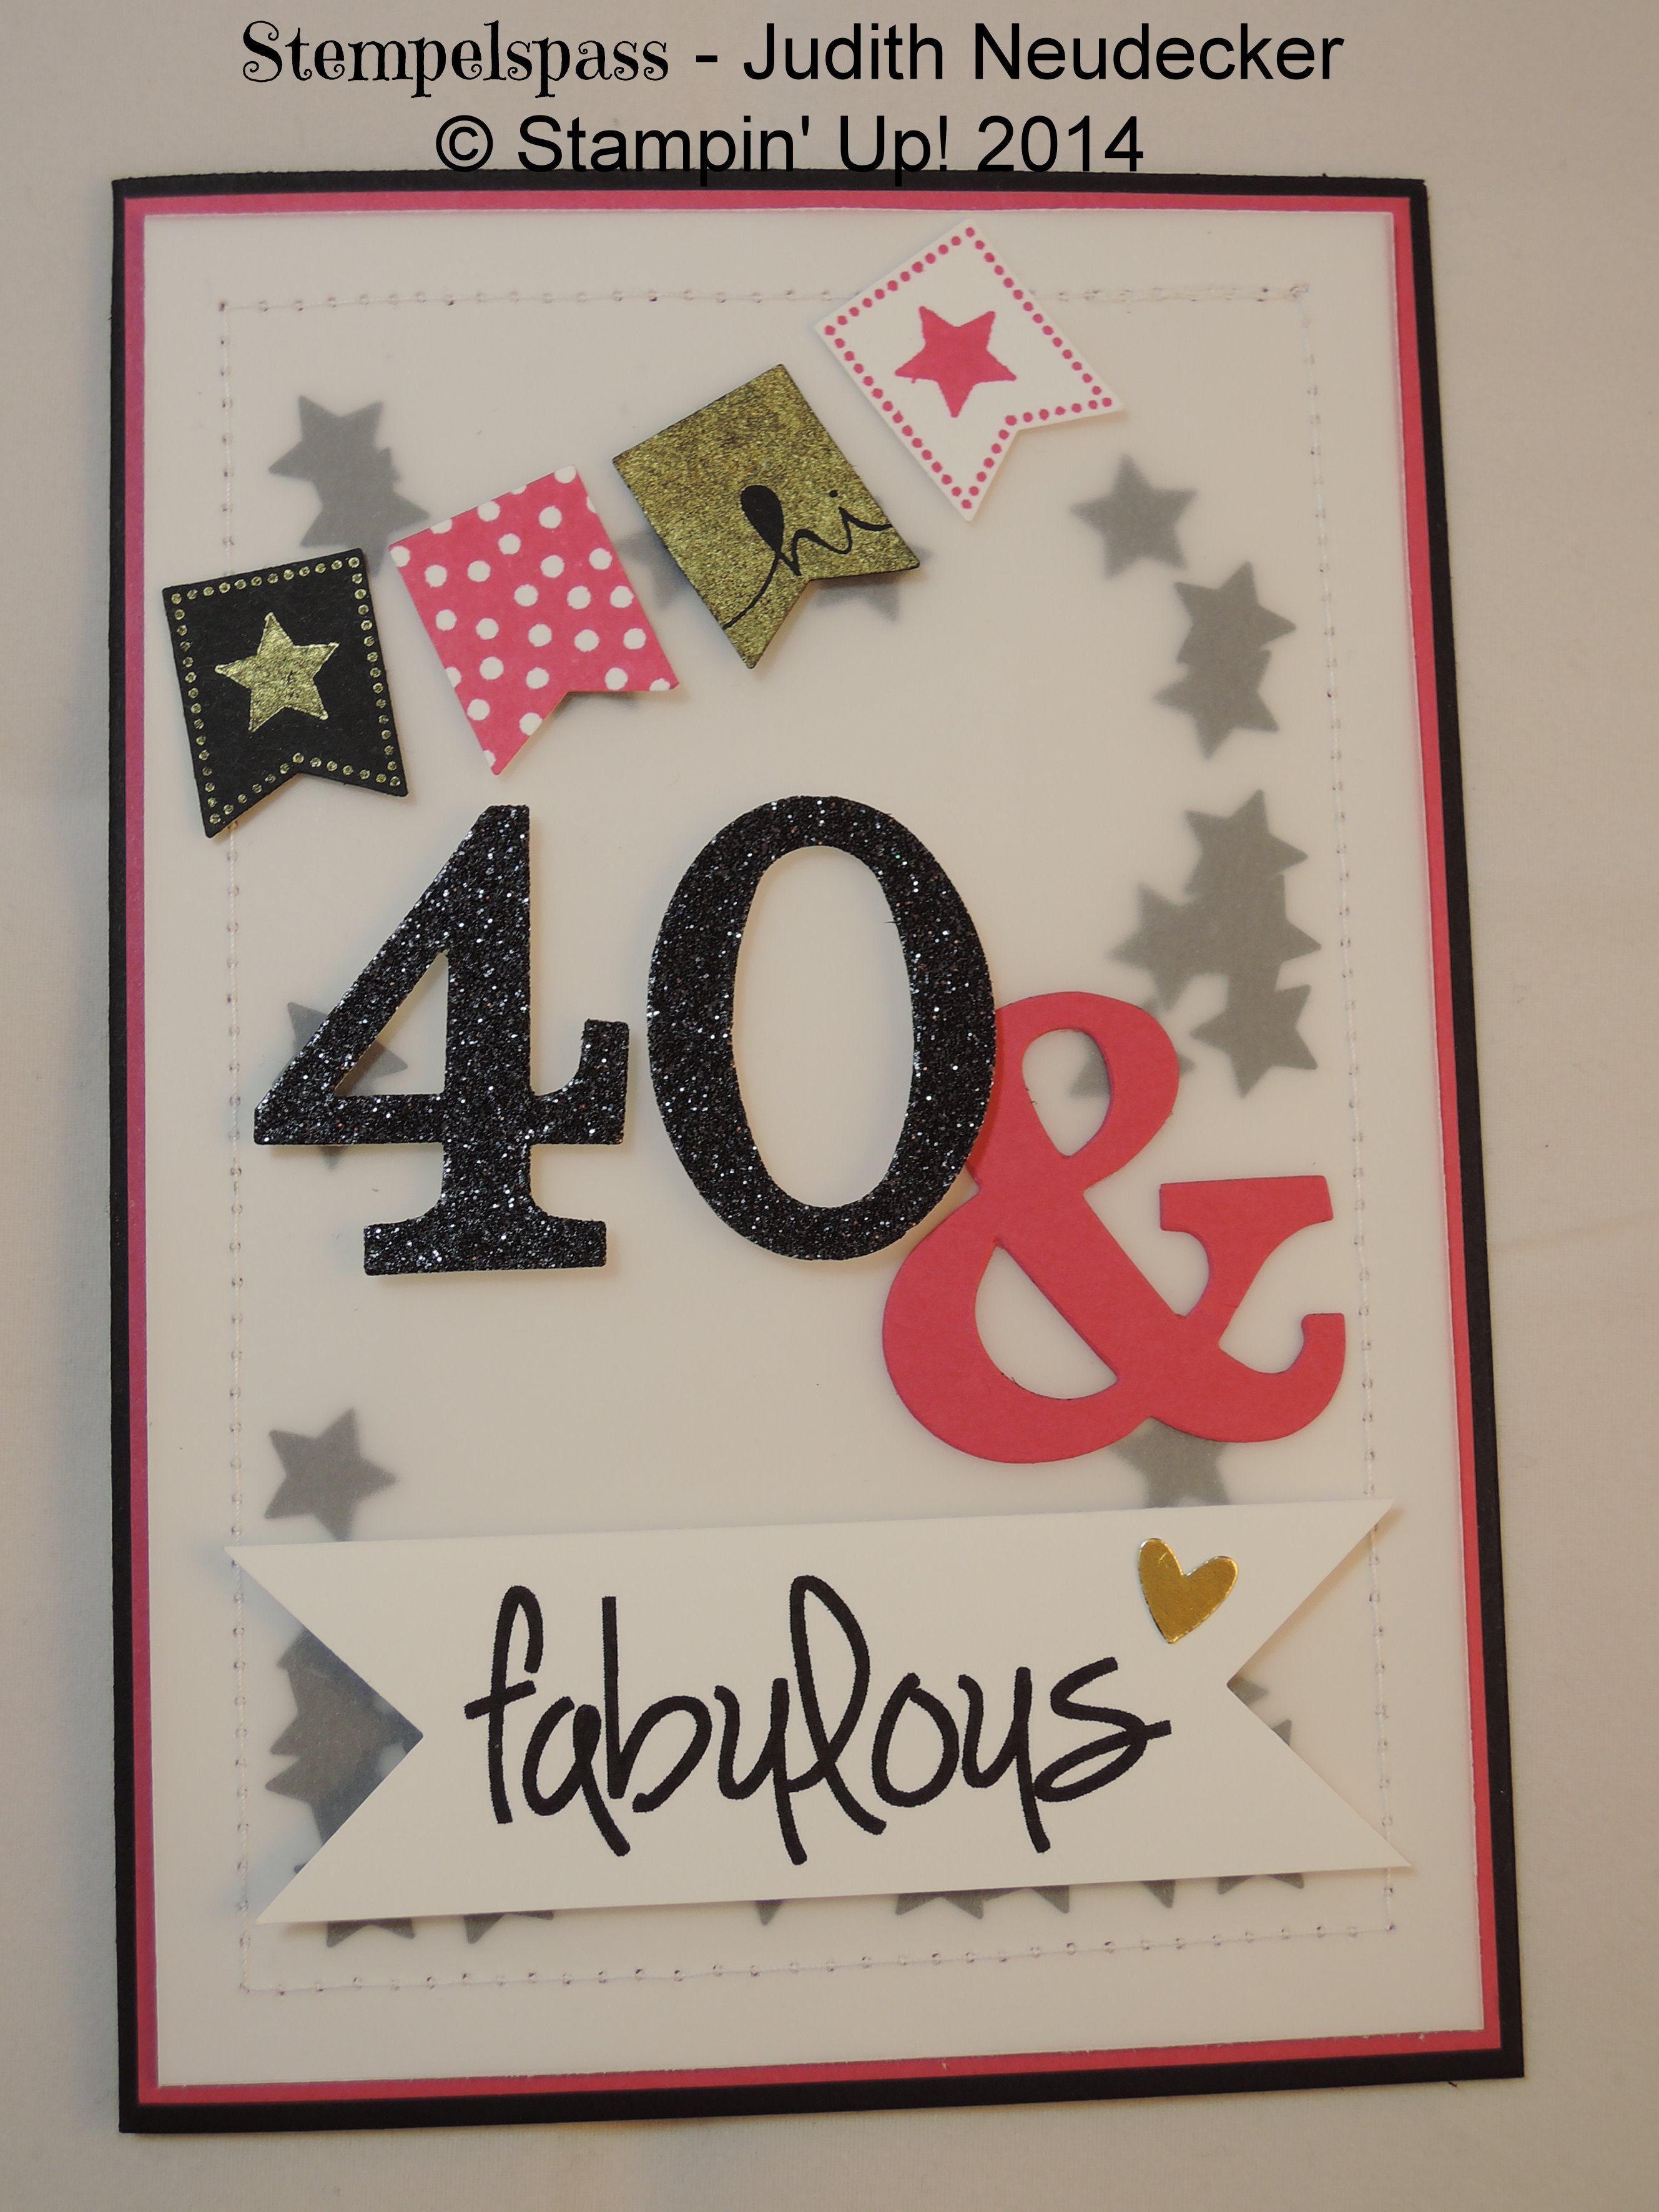 Geburtstagswünsche Zum 40 Geburtstag Mann  einladungskarten 40 geburtstag kostenlos ausdrucken